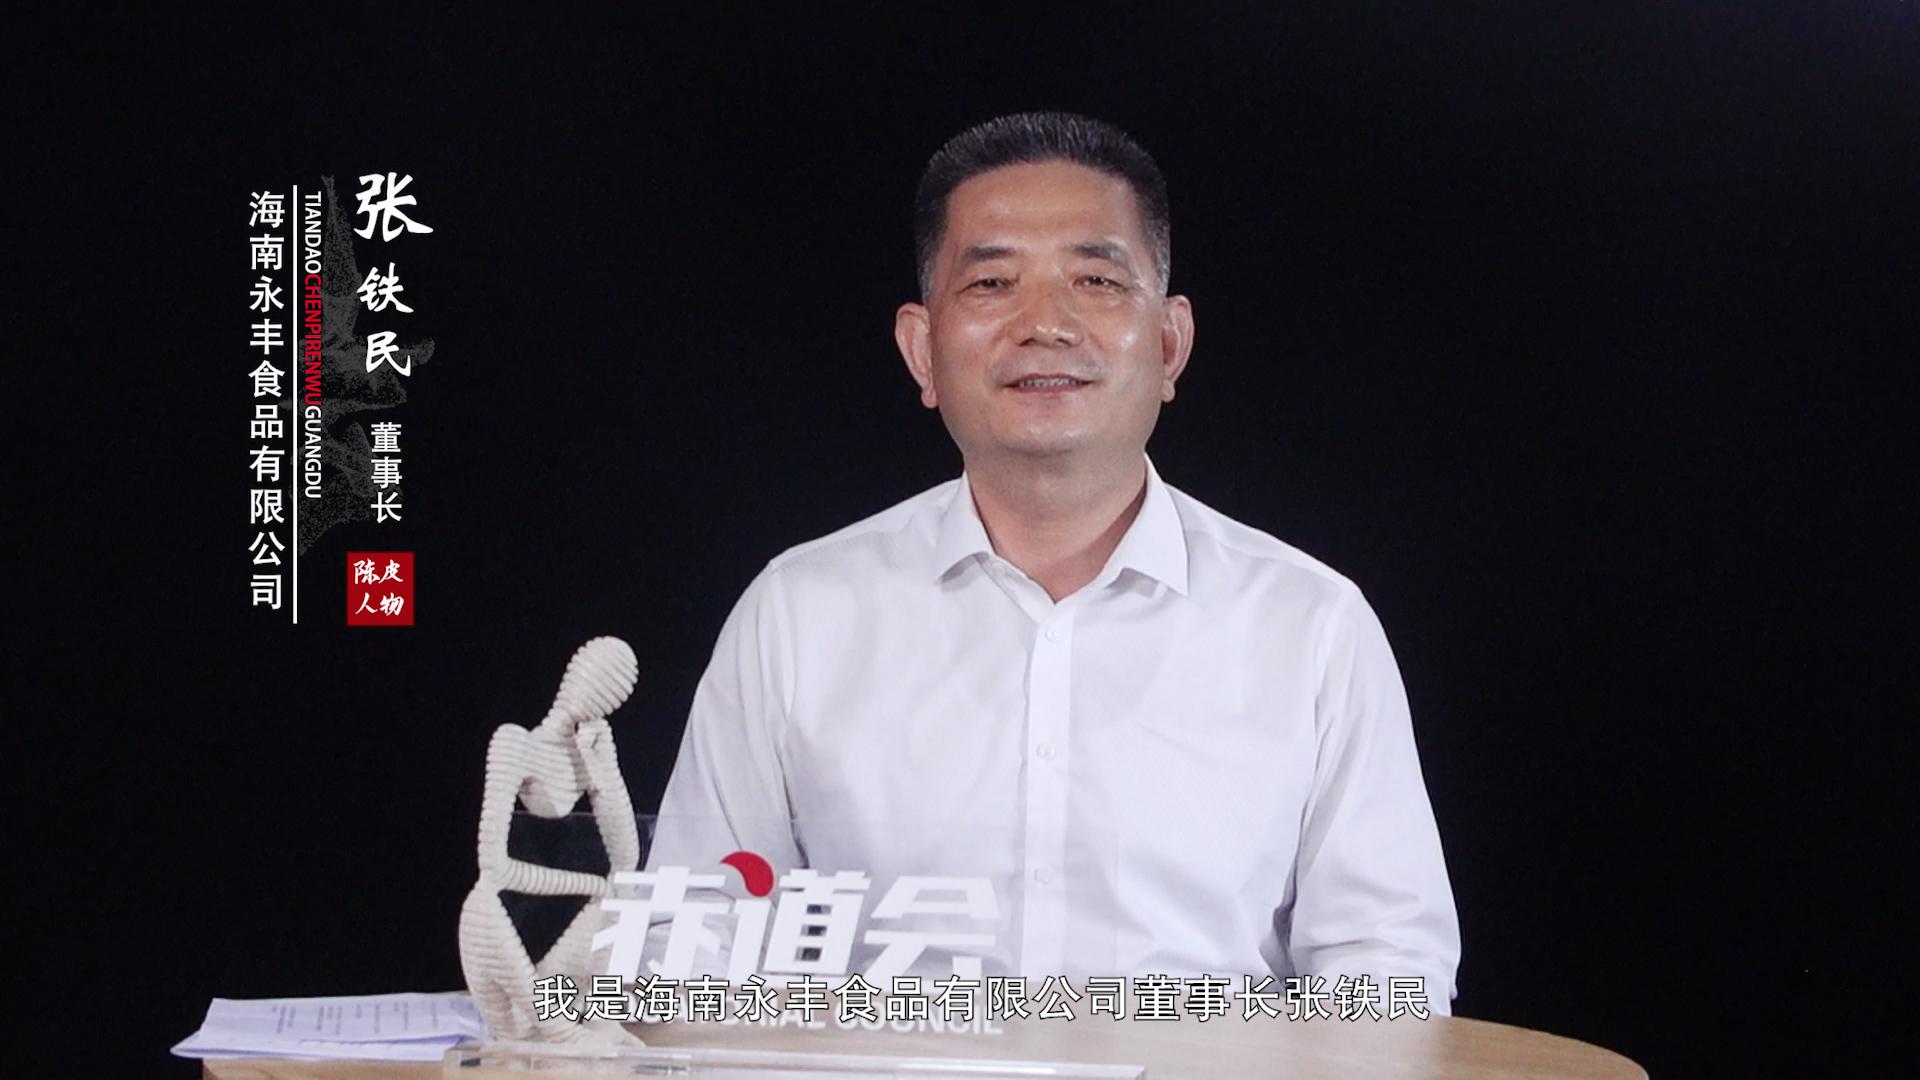 陈皮人物|张铁民:踏实做事,认真做人,良心做企业